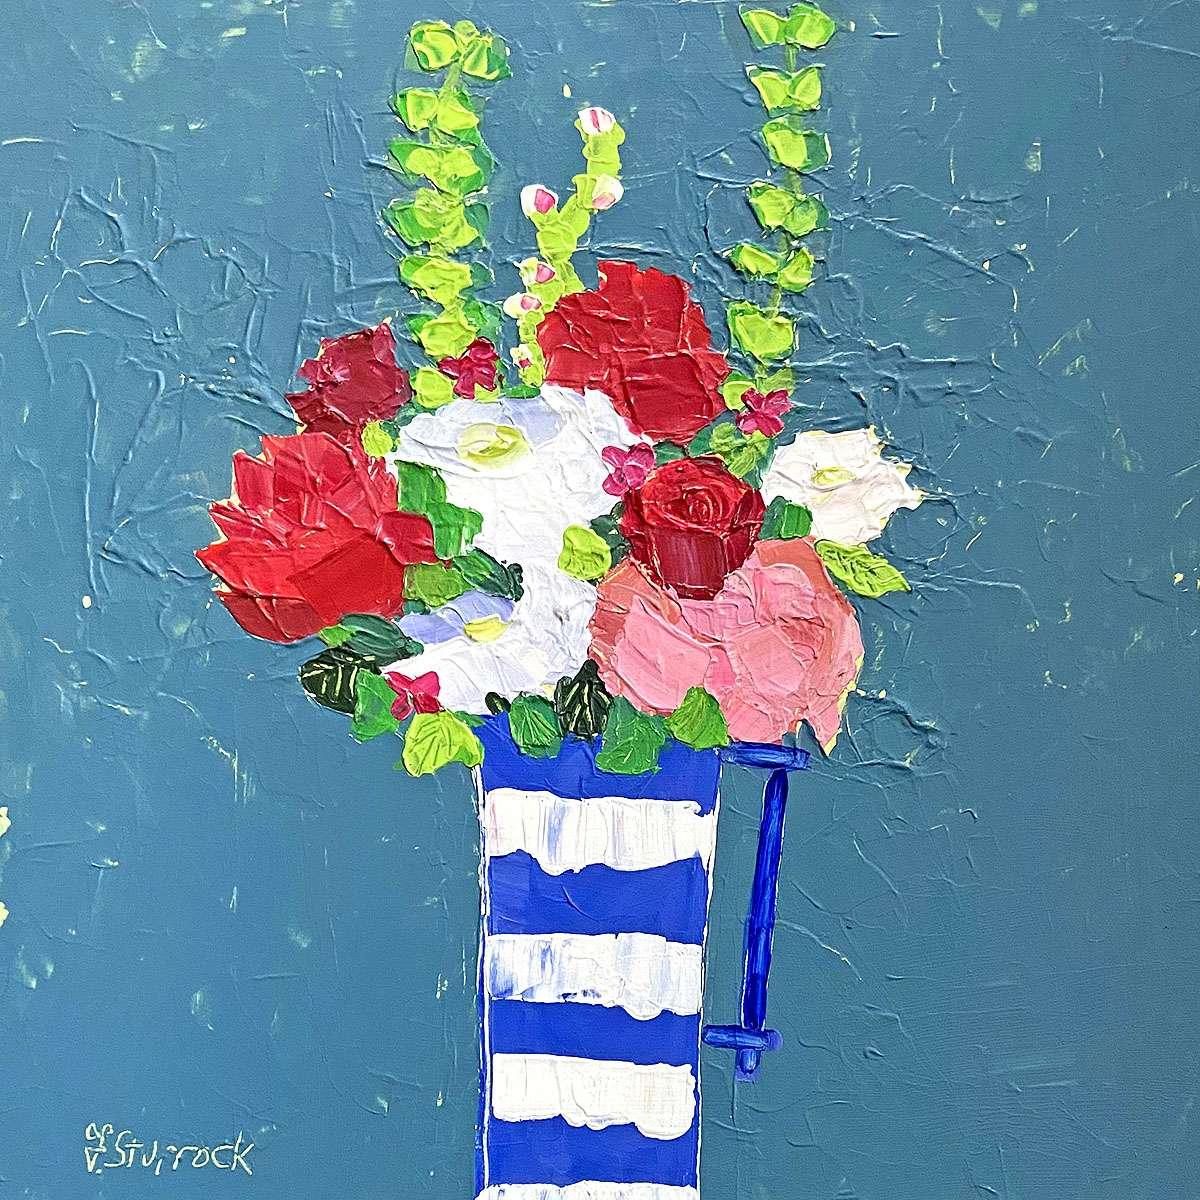 Fiona Sturrock, 'Flowers in Cornish Jug'